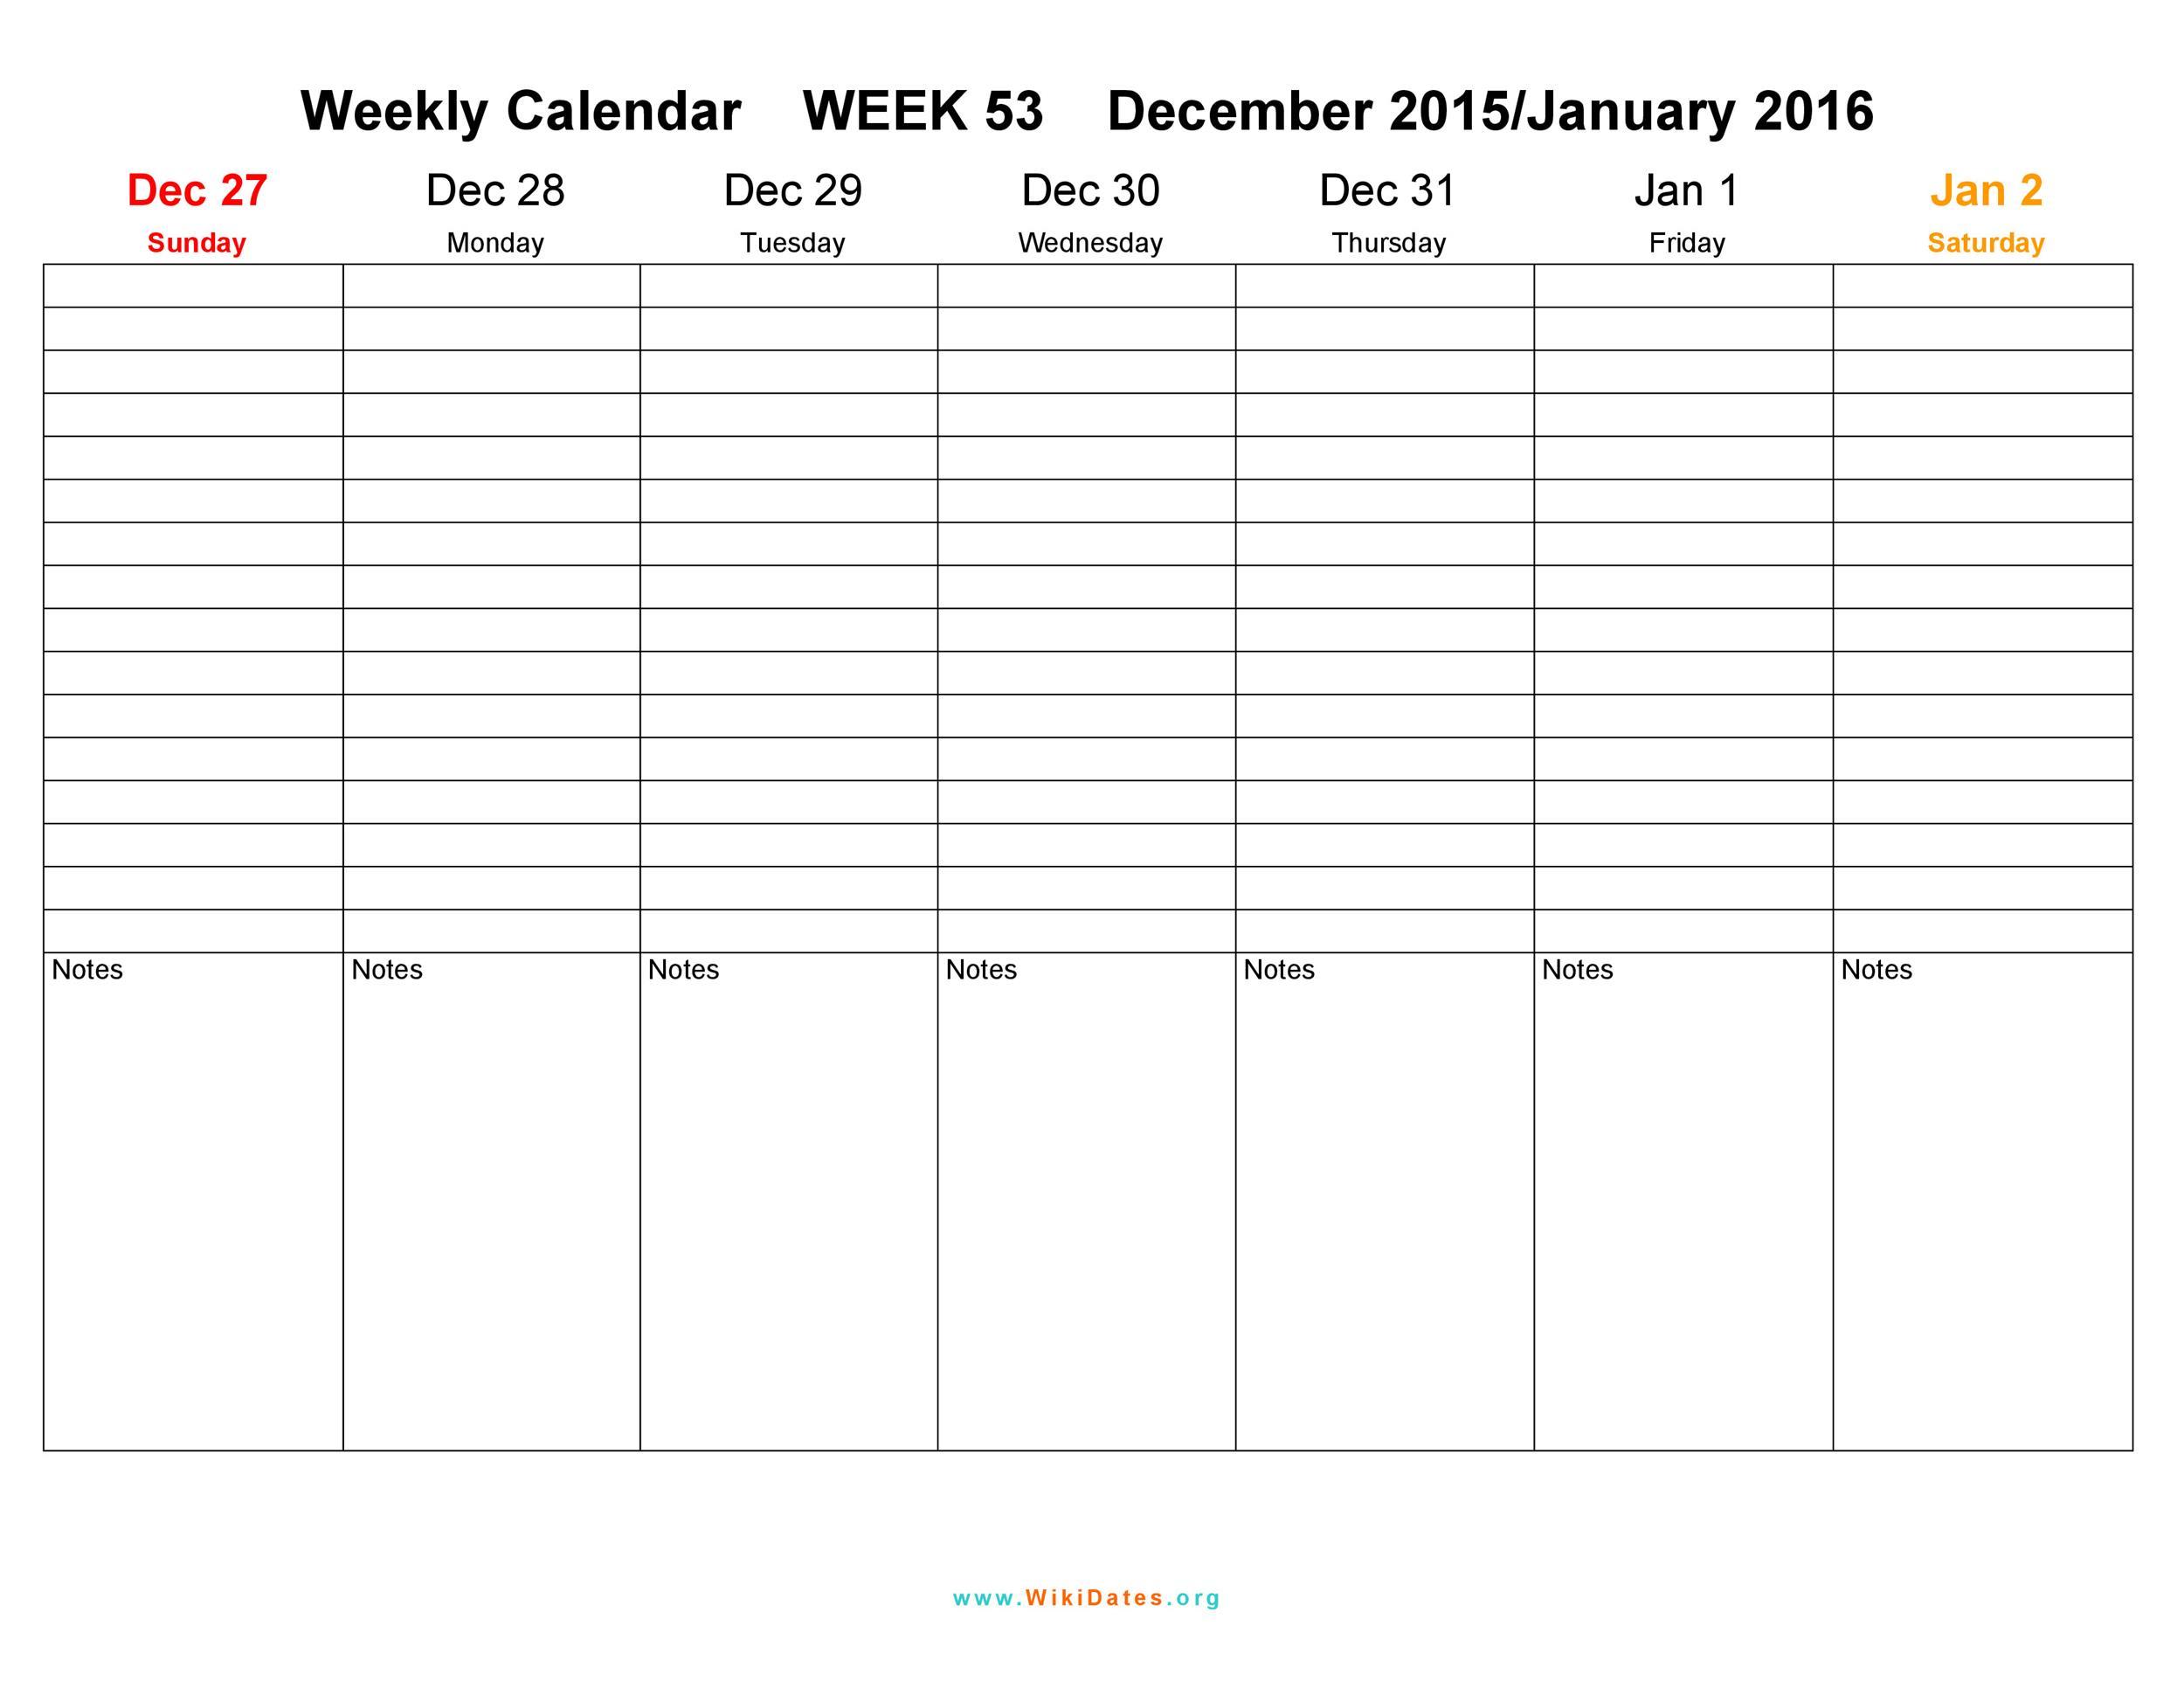 26 Blank Weekly Calendar Templates [Pdf, Excel, Word] ᐅ for 2 Week Calander